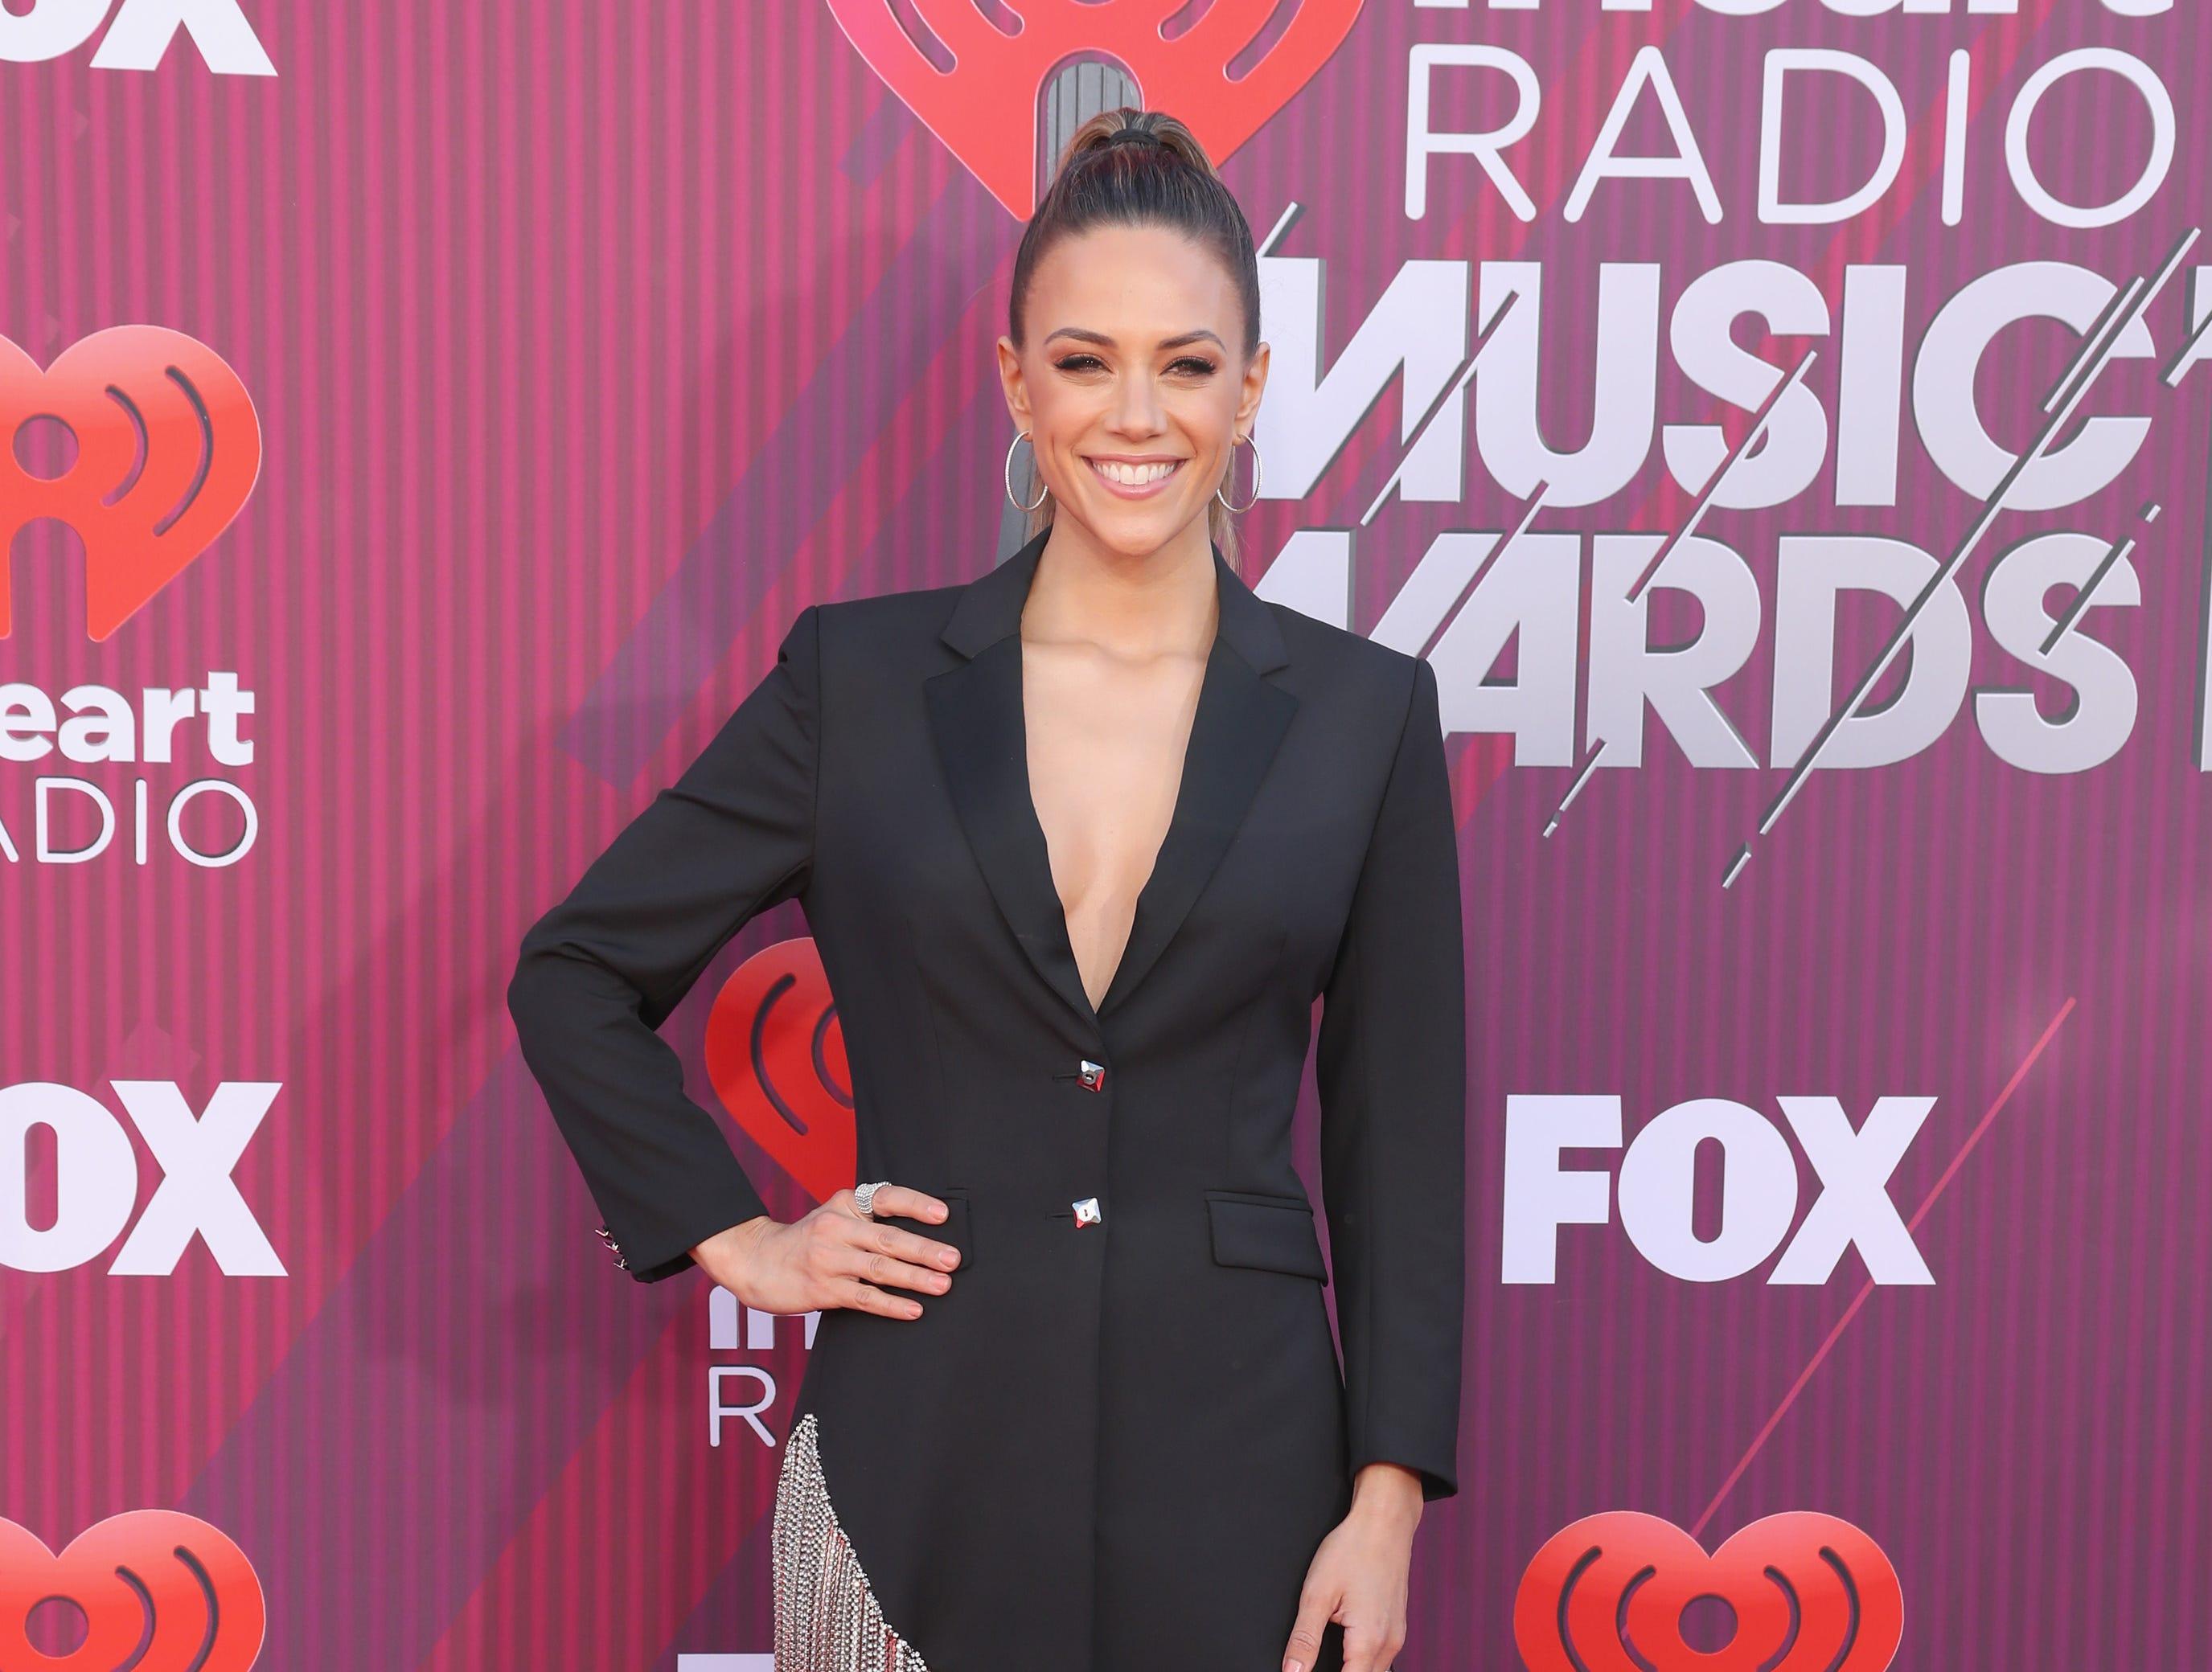 Jana Kramer a su llegada a los premios iHeart Radio Music Awards en 2019 el 14 de marzo de 2019 en Los Angeles, California.